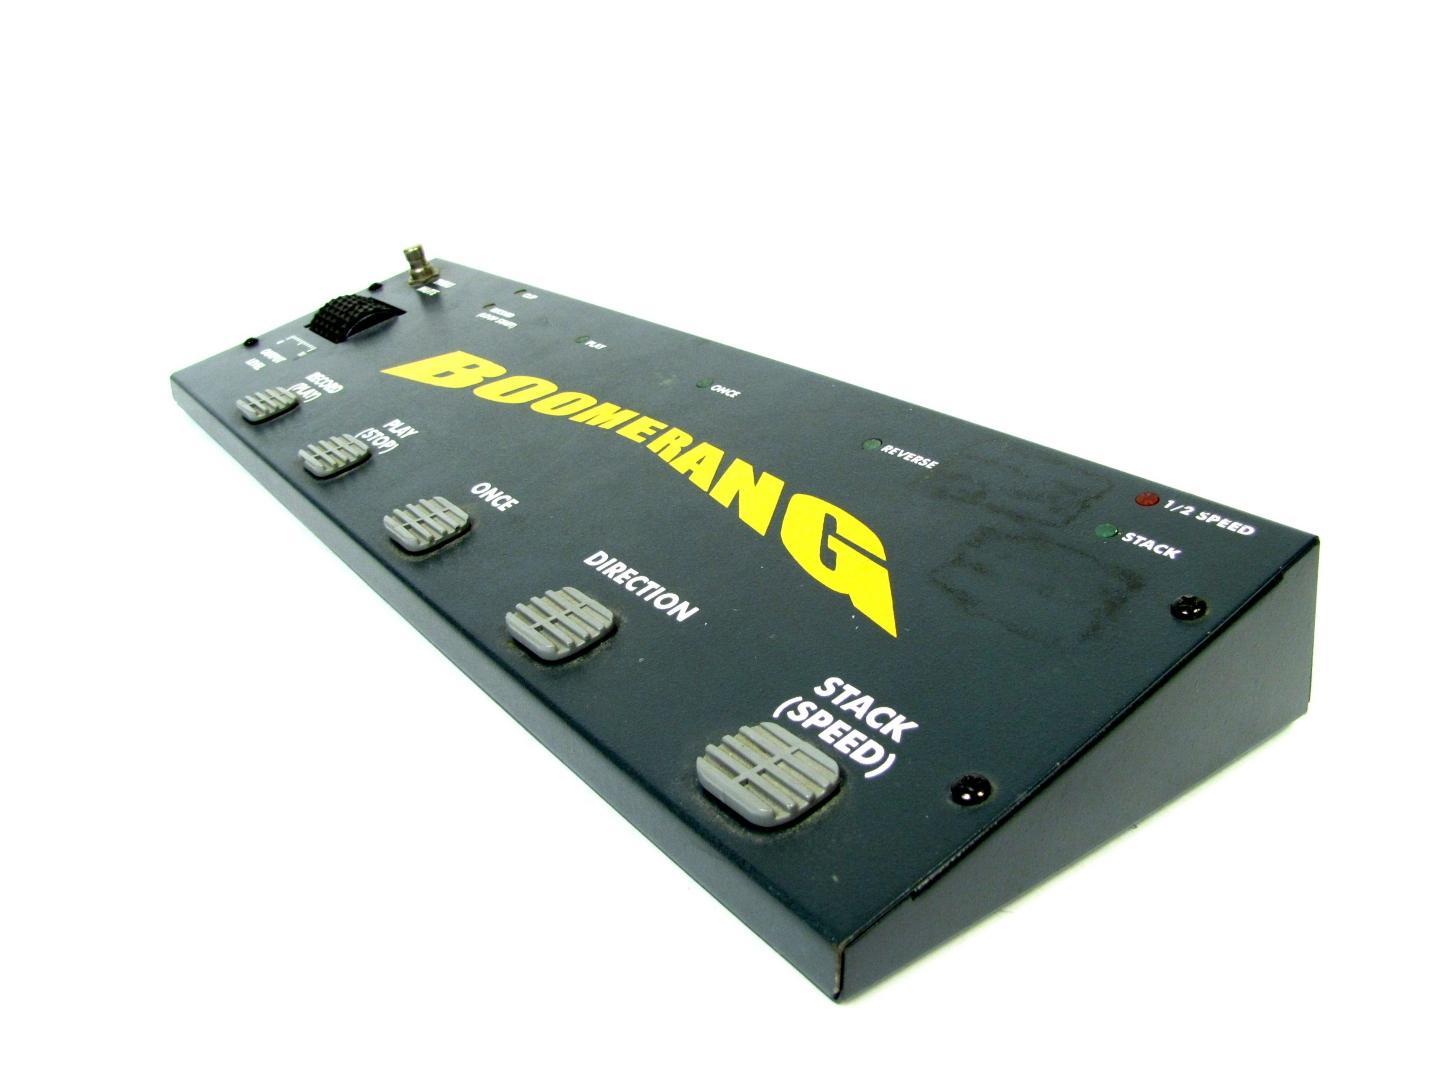 boomerang original looper guitar effects pedal phrase sampler ebay. Black Bedroom Furniture Sets. Home Design Ideas